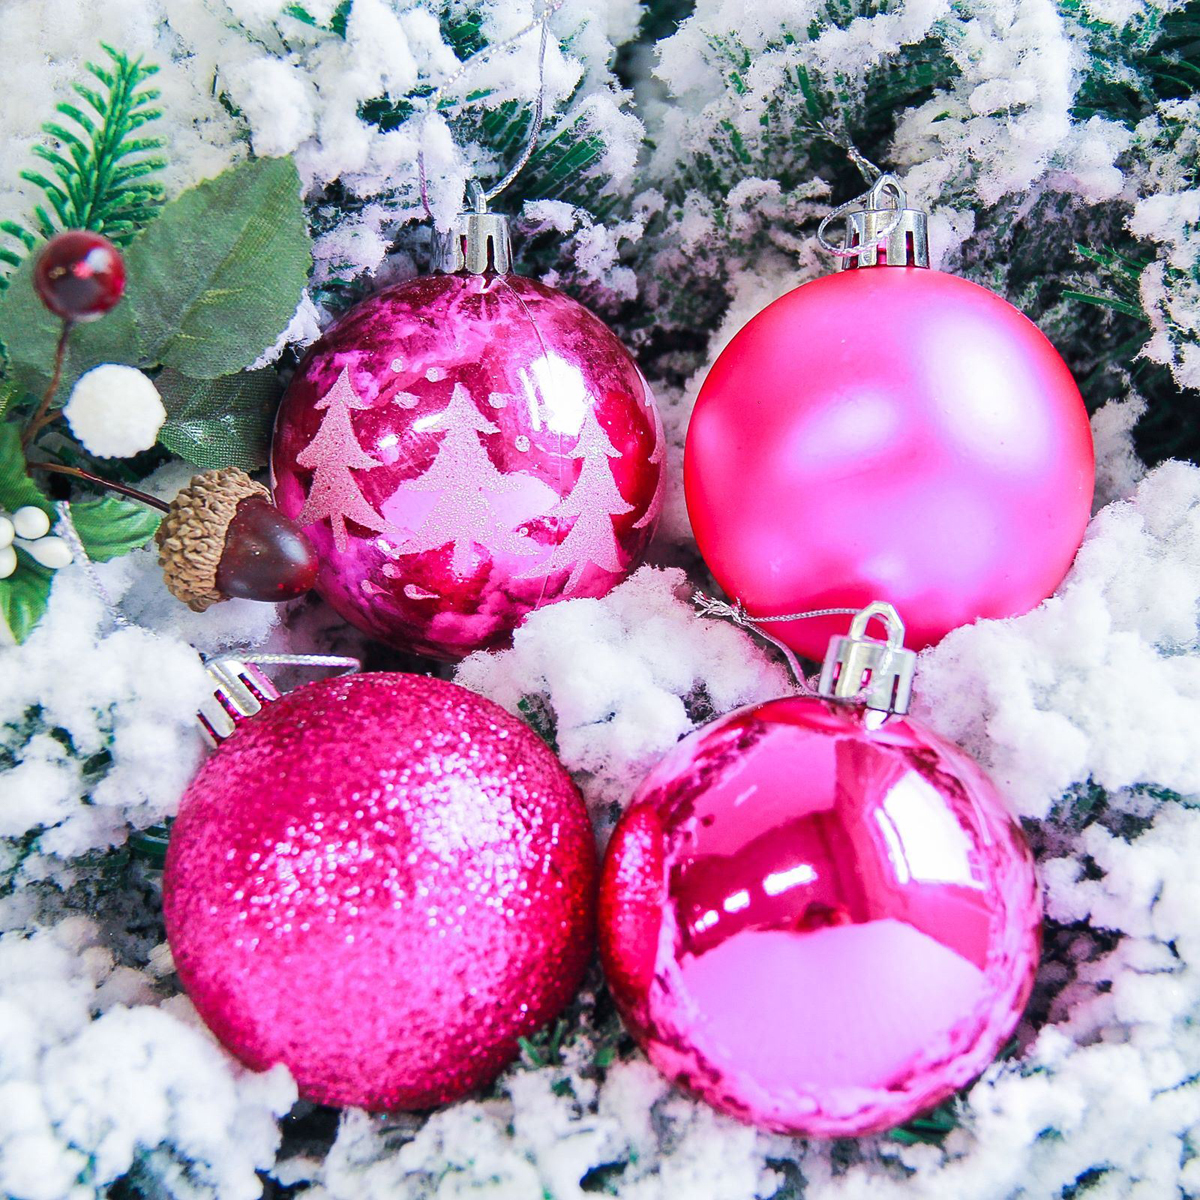 Набор новогодних подвесных украшений Sima-land Грациозо, цвет: малиновый, диаметр 6 см, 16 шт2178251Набор новогодних подвесных украшений Sima-land отлично подойдет для декорации вашего дома и новогодней ели. С помощью специальной петельки украшение можно повесить в любом понравившемся вам месте. Но, конечно, удачнее всего оно будет смотреться на праздничной елке. Елочная игрушка - символ Нового года. Она несет в себе волшебство и красоту праздника. Создайте в своем доме атмосферу веселья и радости, украшая новогоднюю елку нарядными игрушками, которые будут из года в год накапливать теплоту воспоминаний.